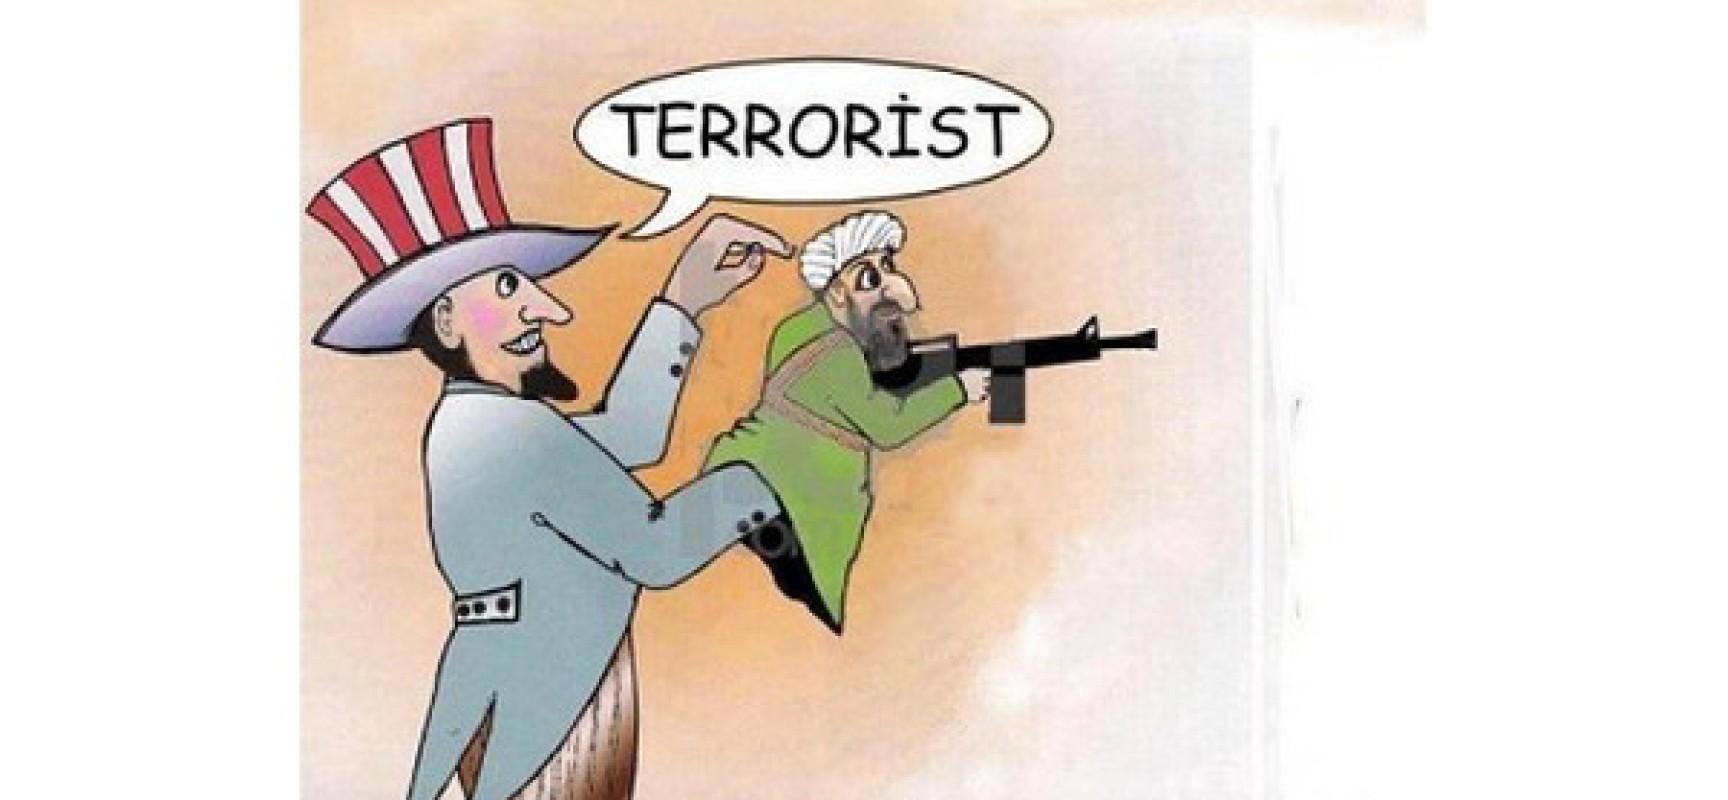 Les États-Unis ne combattent pas le « terrorisme musulman », ni même « l'extrémisme » ; ils les fabriquent et les sèment partout (Global Research)